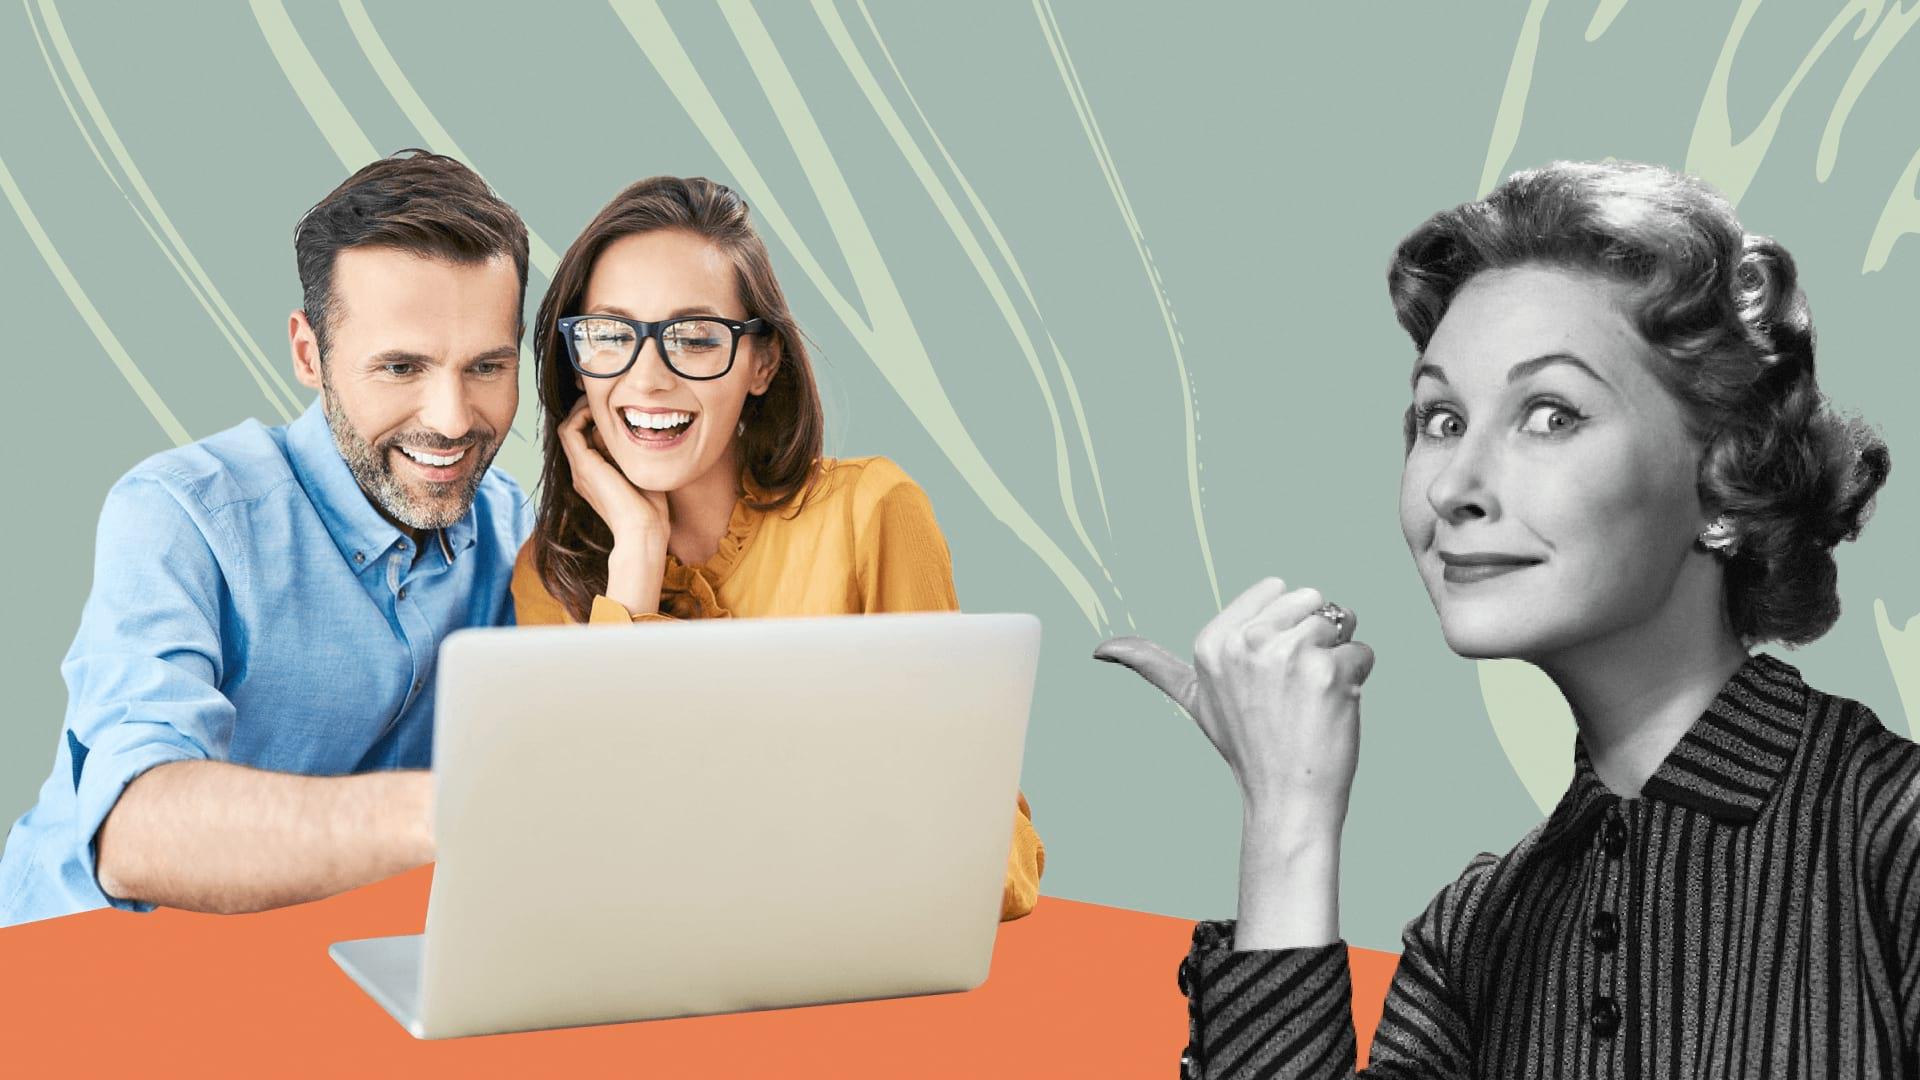 Полный гайд по Engagement Rate – показателю вовлеченности в соцсетях